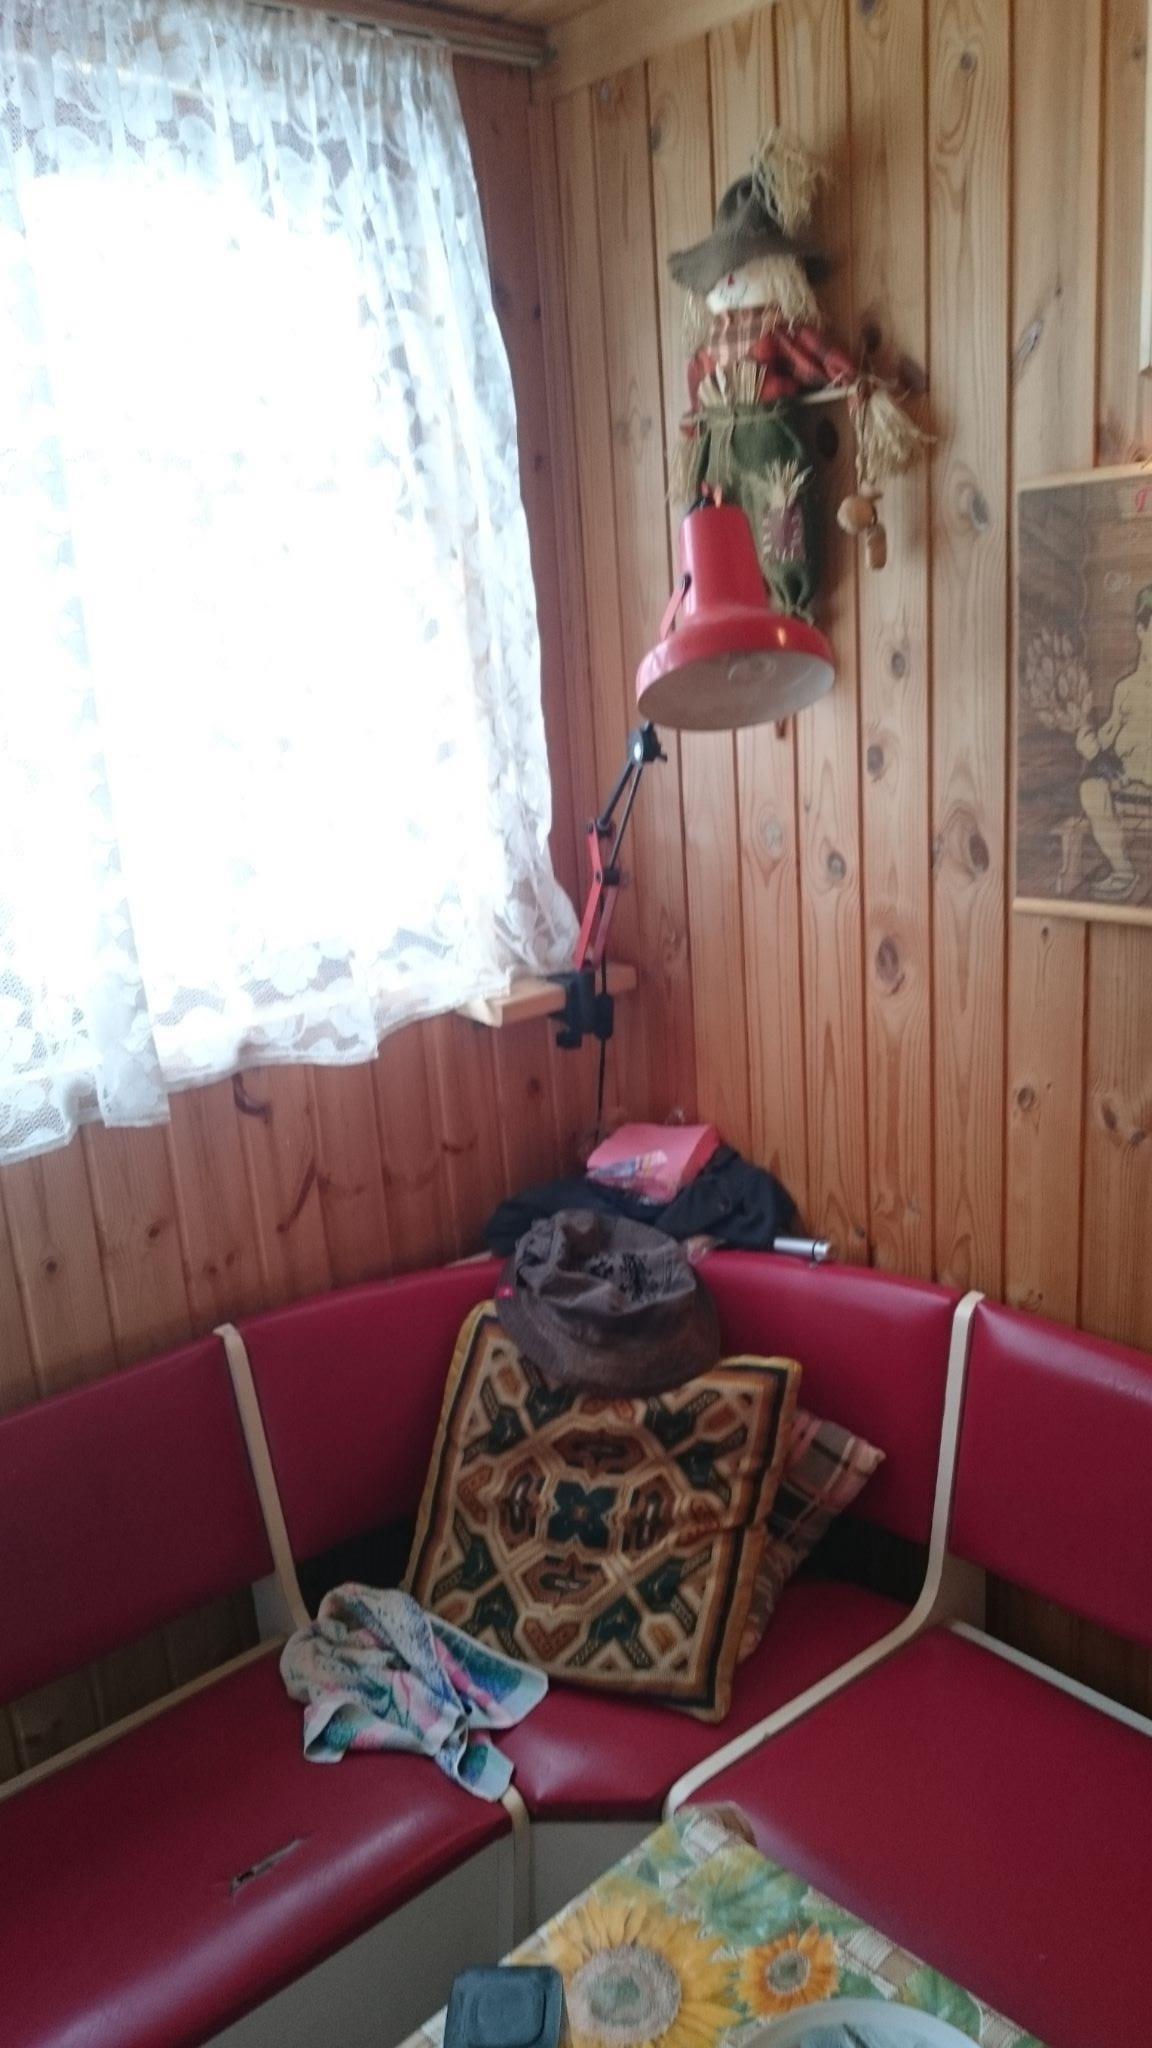 Продажа дачи Московская область, Истринский р-н, с. Новопетровское, СТ Солнечный тер., фото 1